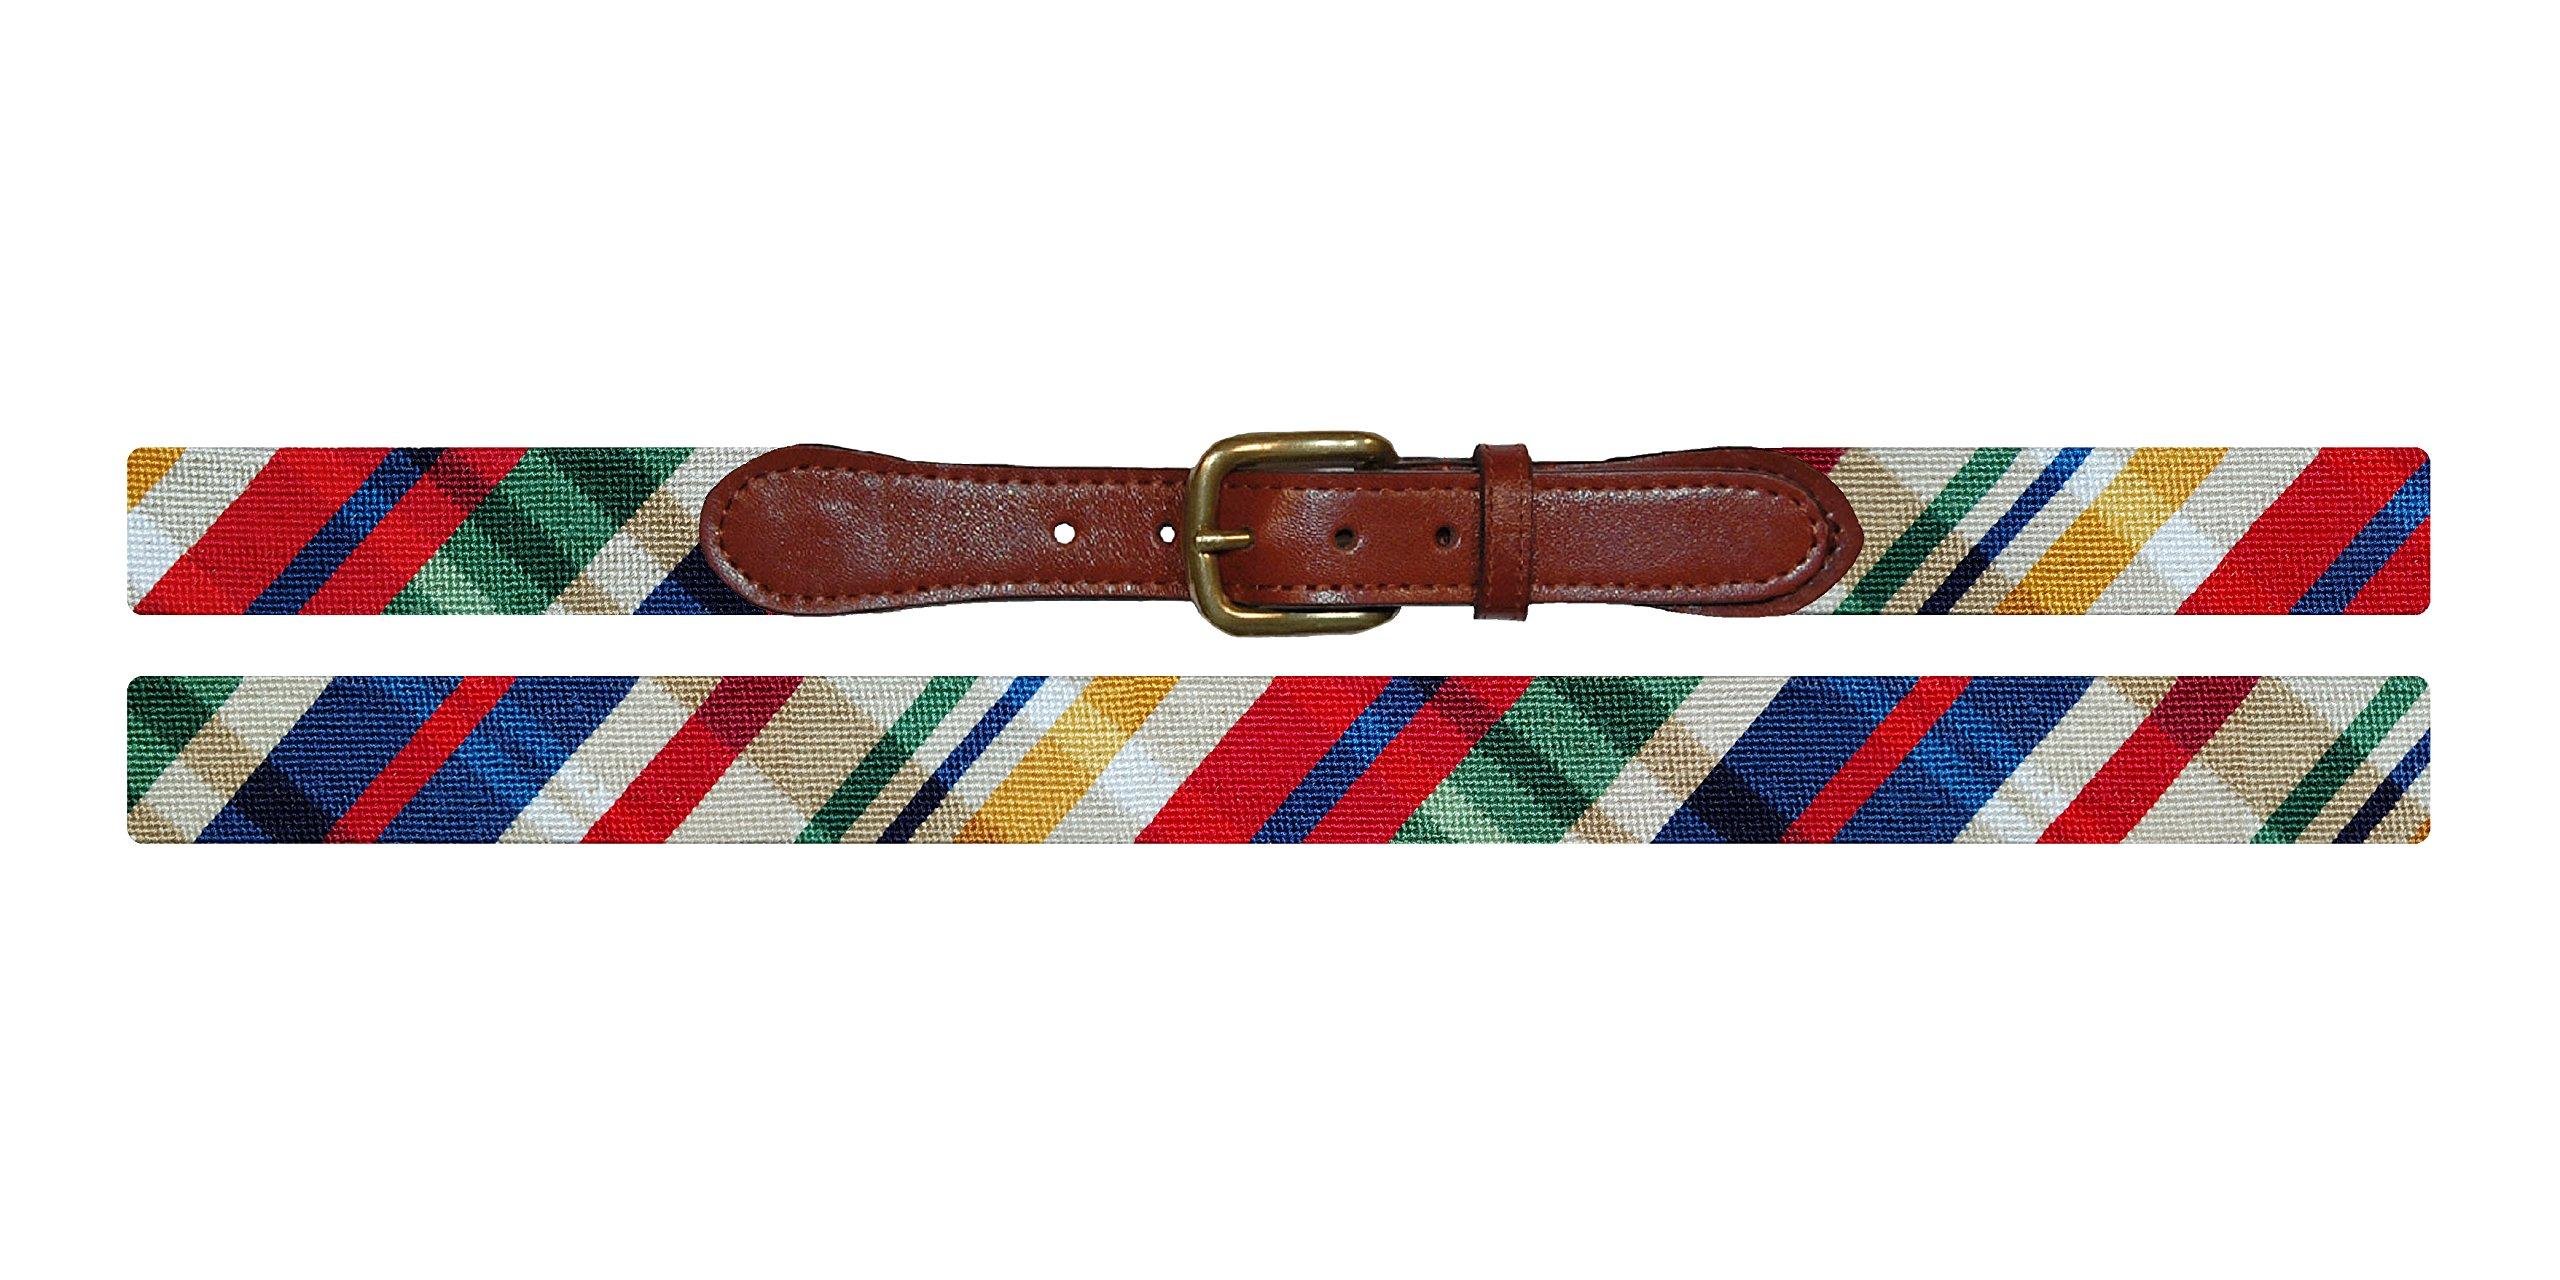 Smathers & Branson Madras Men's Needlepoint Belt, Size 42 - Multi (B-266-42)